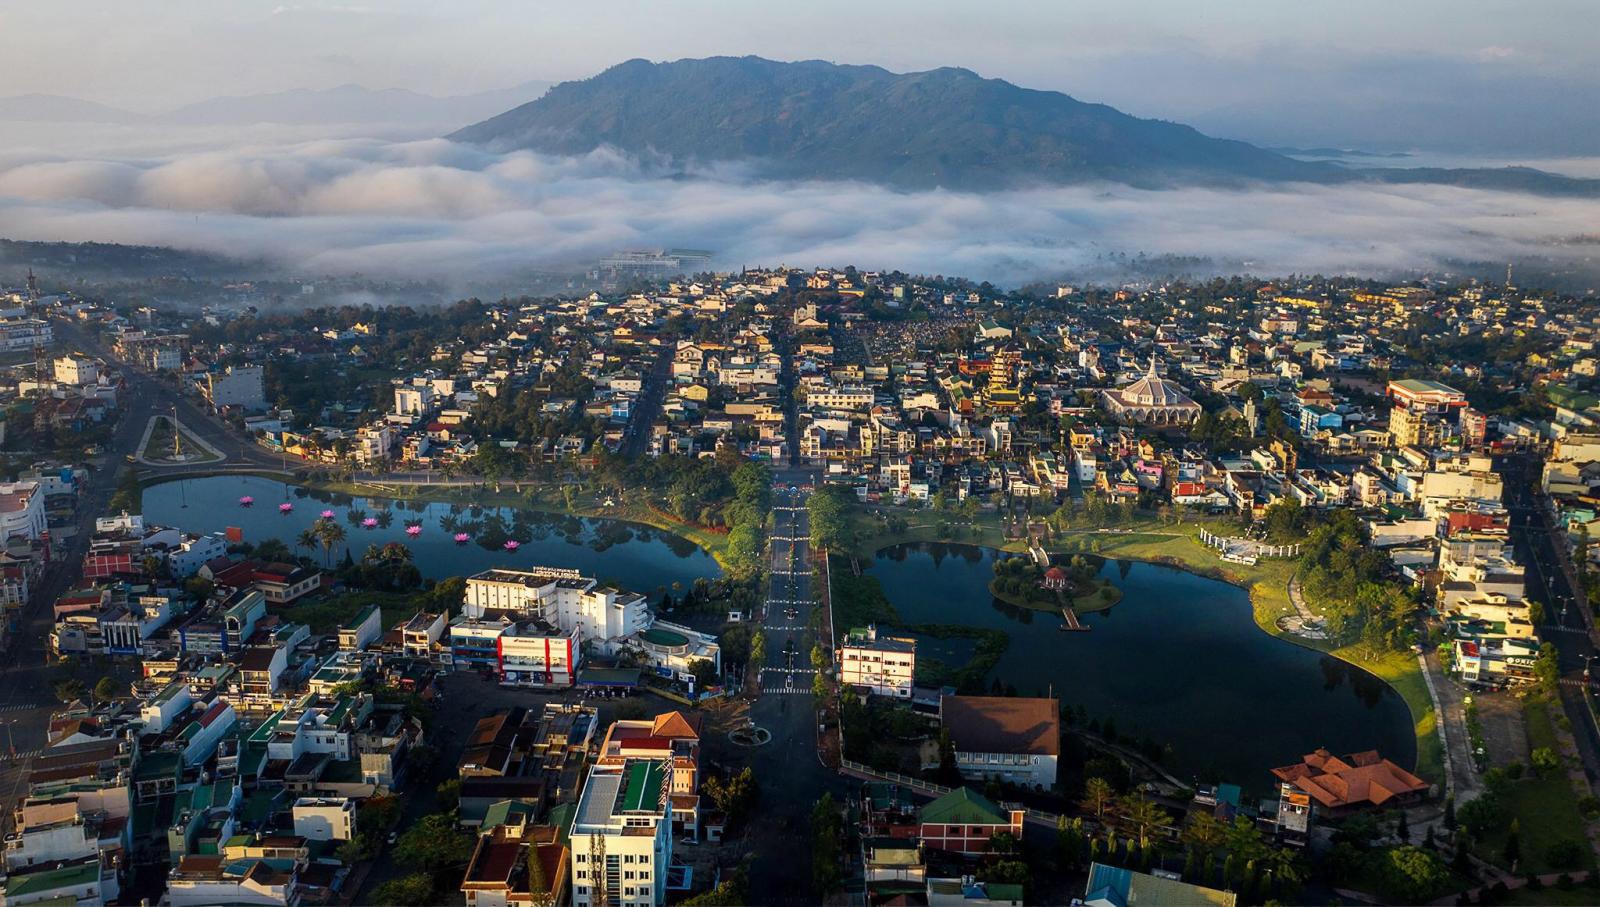 Kinh nghiệm mua đất nền Bảo Lộc – Lâm Đồng